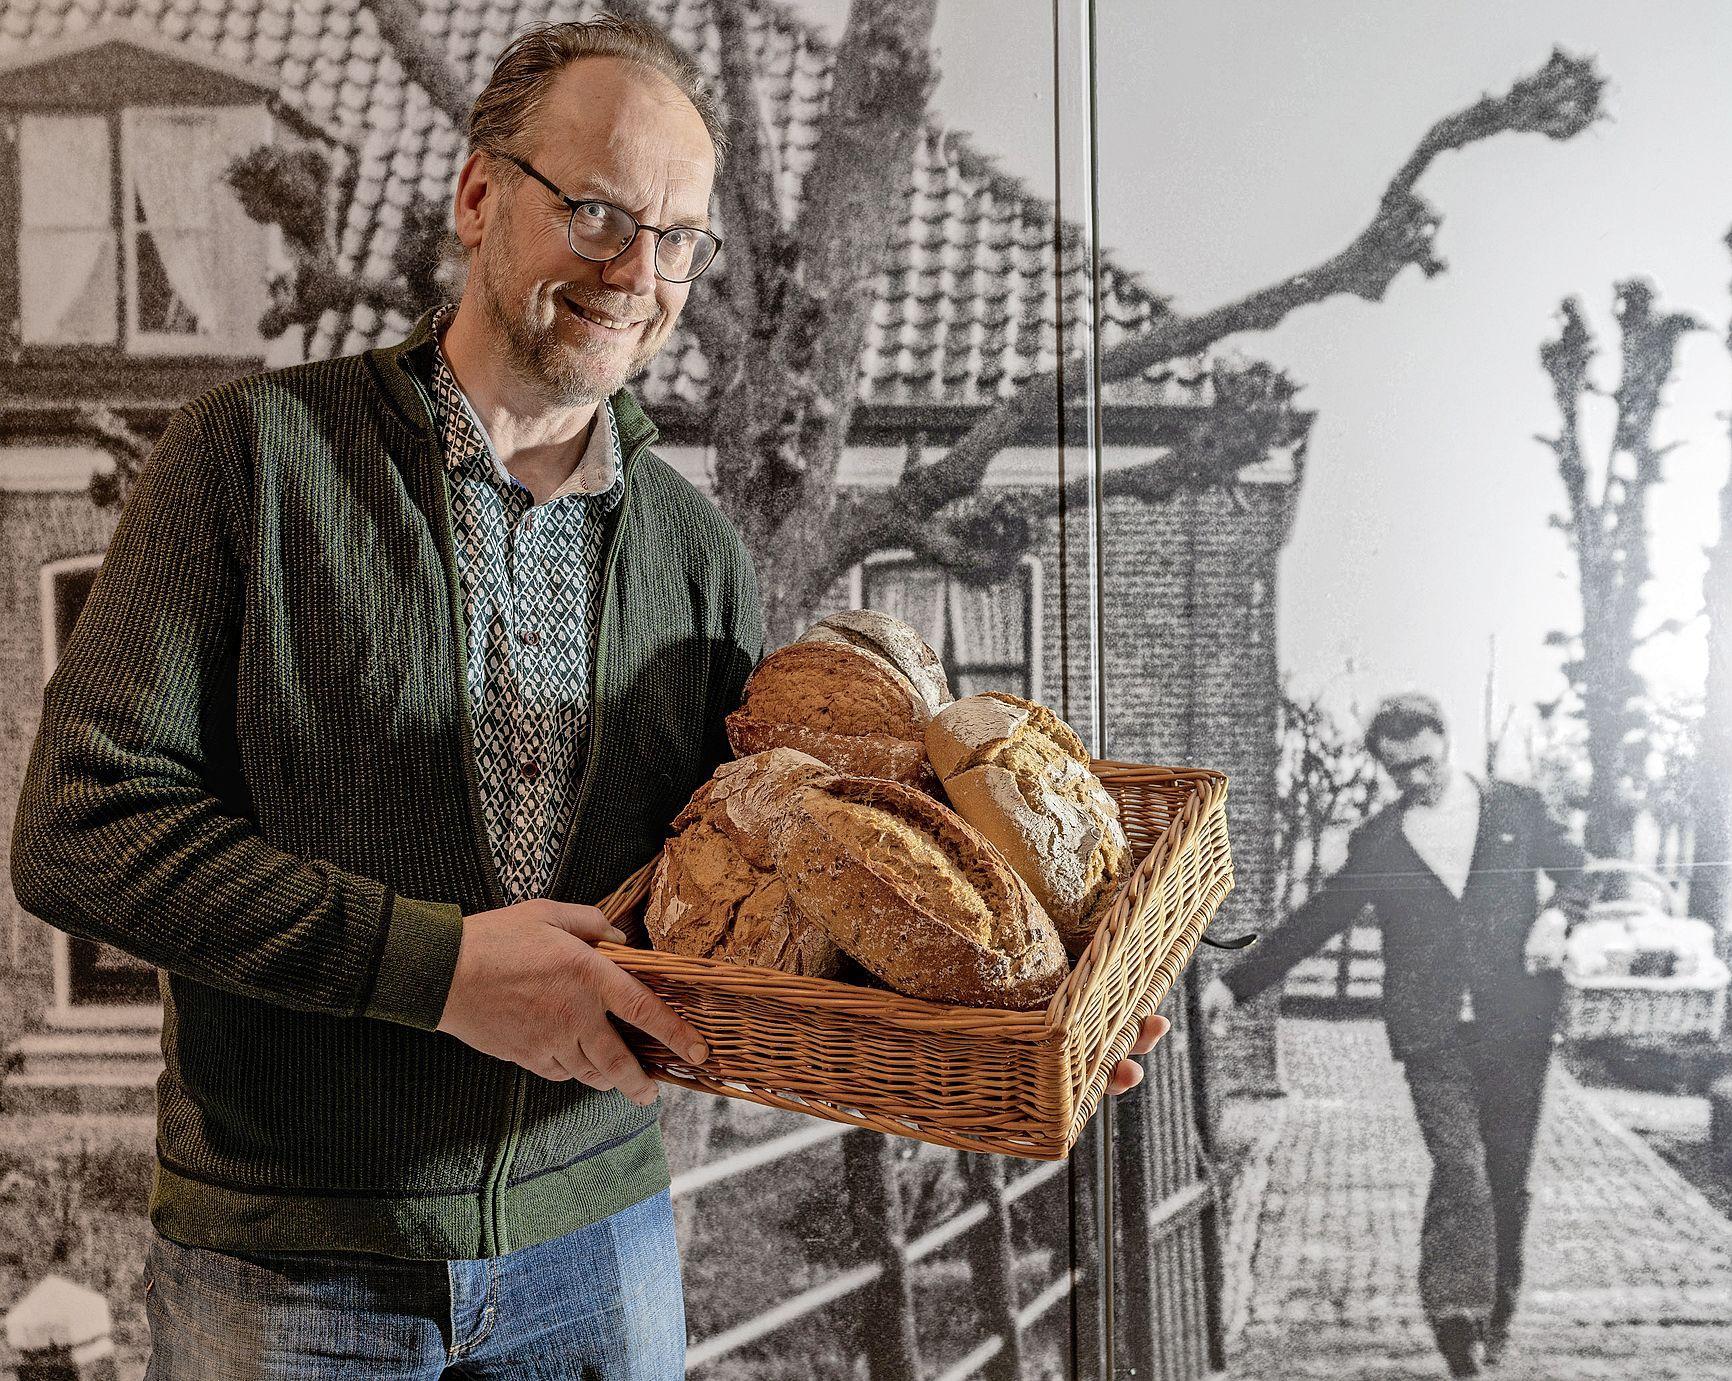 Een sterfgeval, dwarslaesie, explosie, branden en nu weer corona: de geschiedenis van bakkerij Kaandorp is nogal turbulent. 'Maar we zorgen altijd dat er brood op de plank komt'